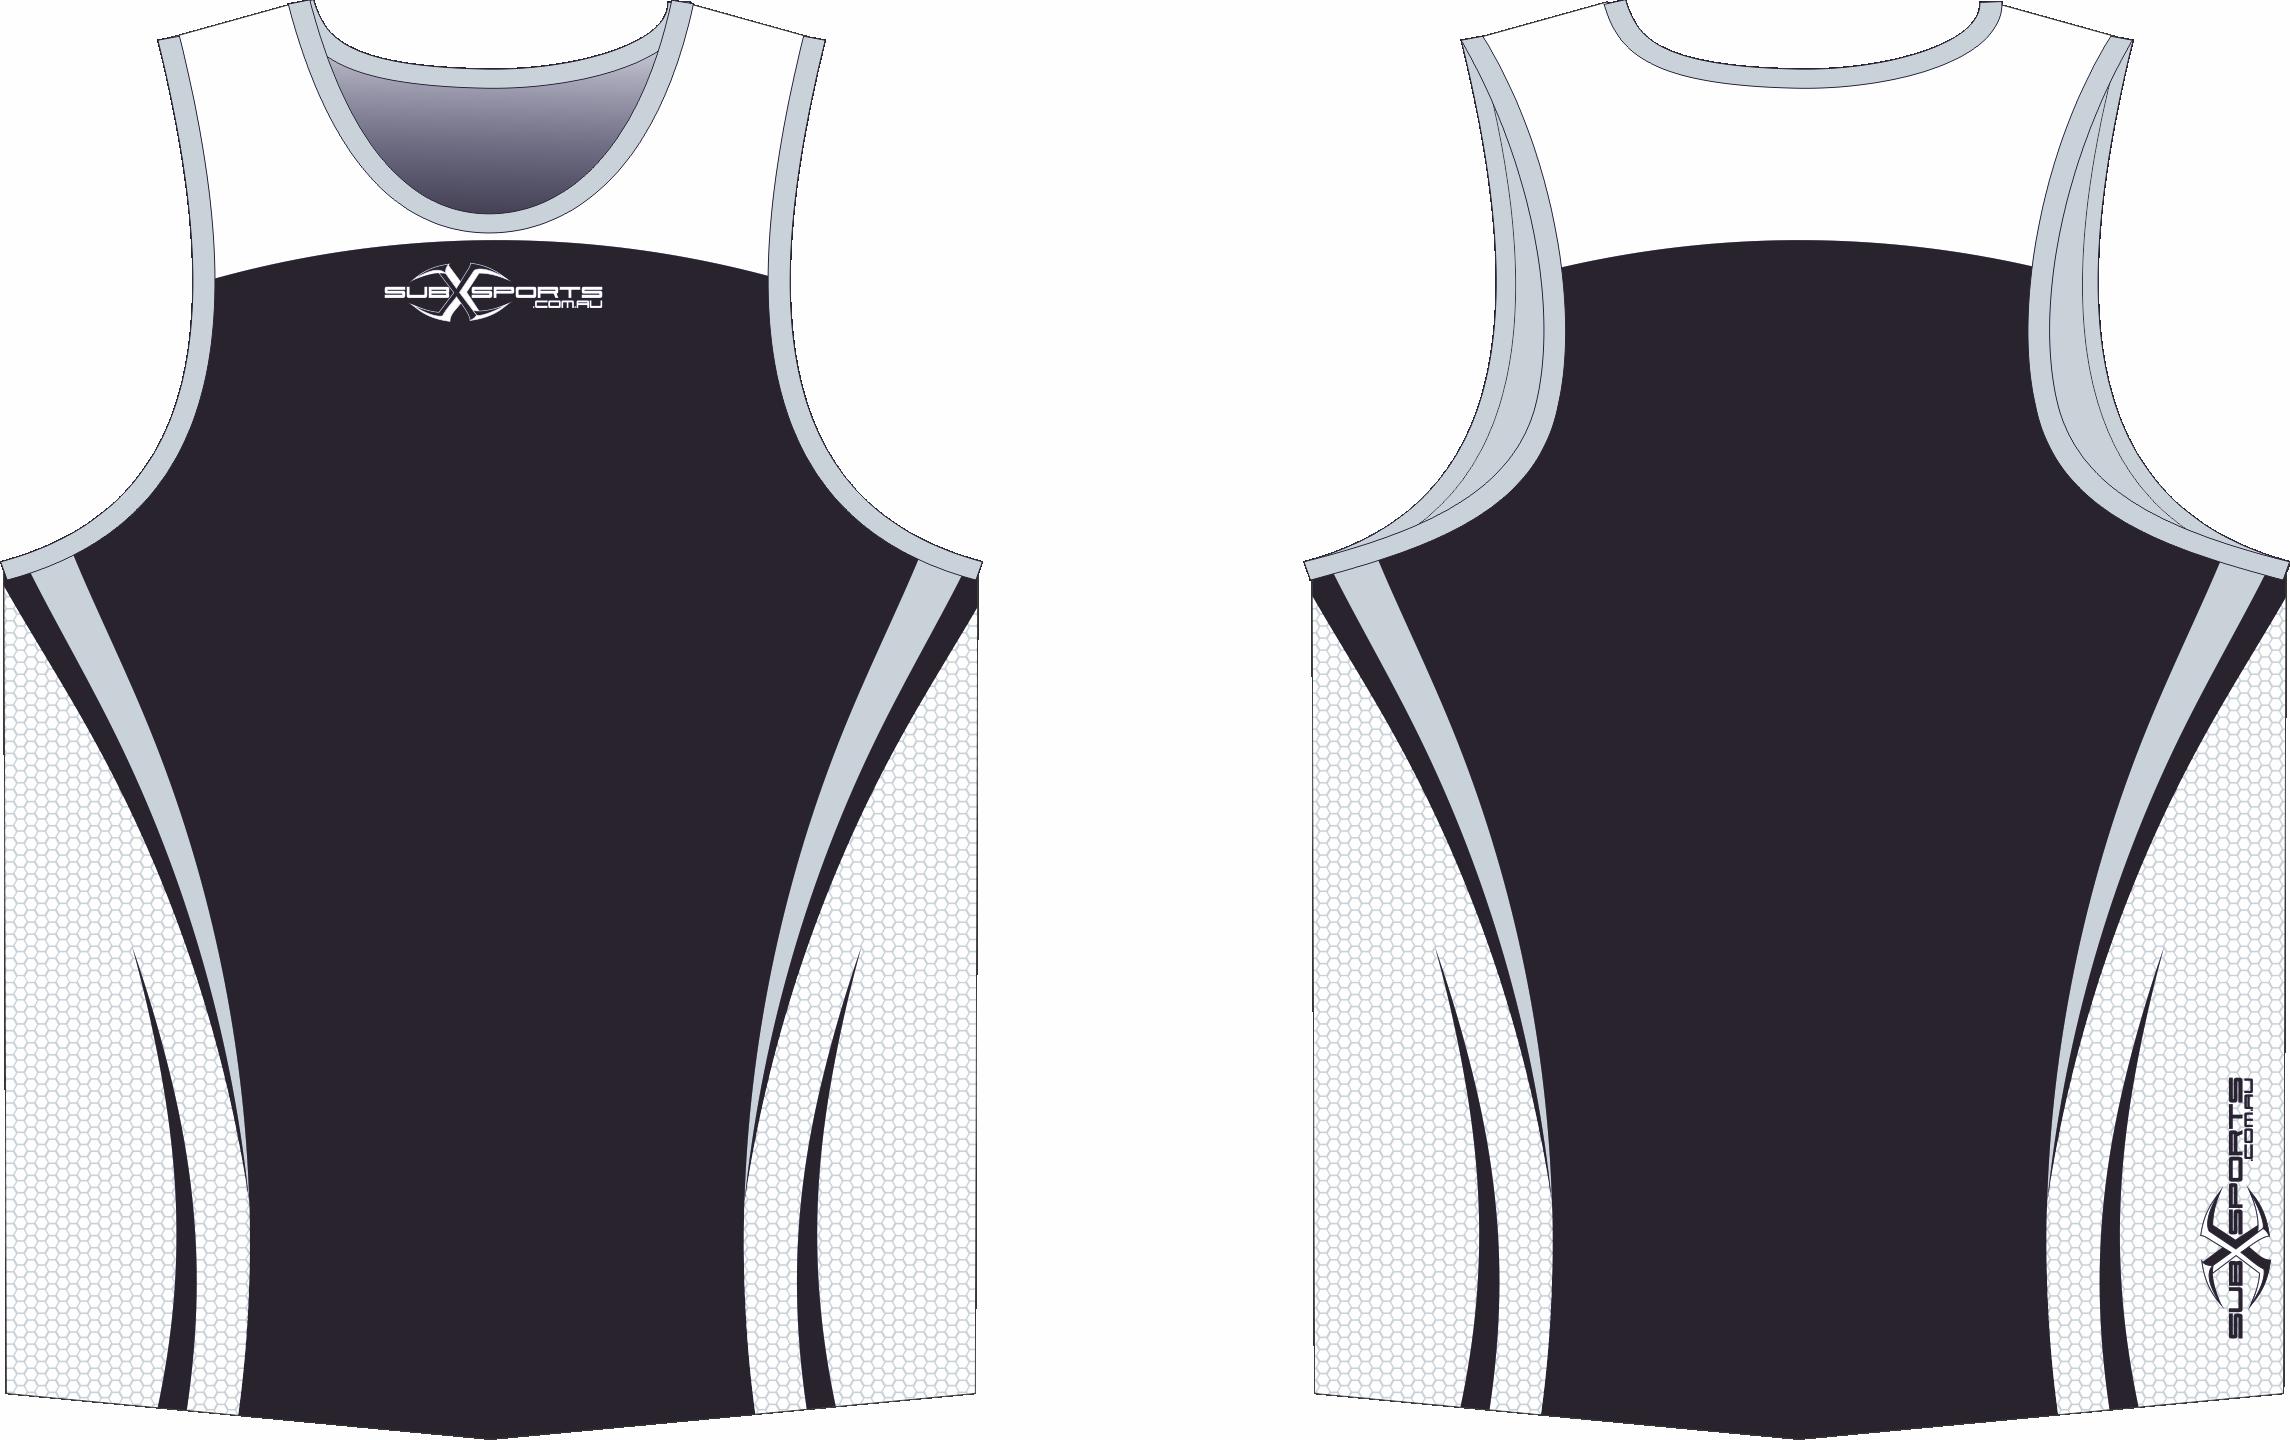 X302XS SingletBlack White Silver.png